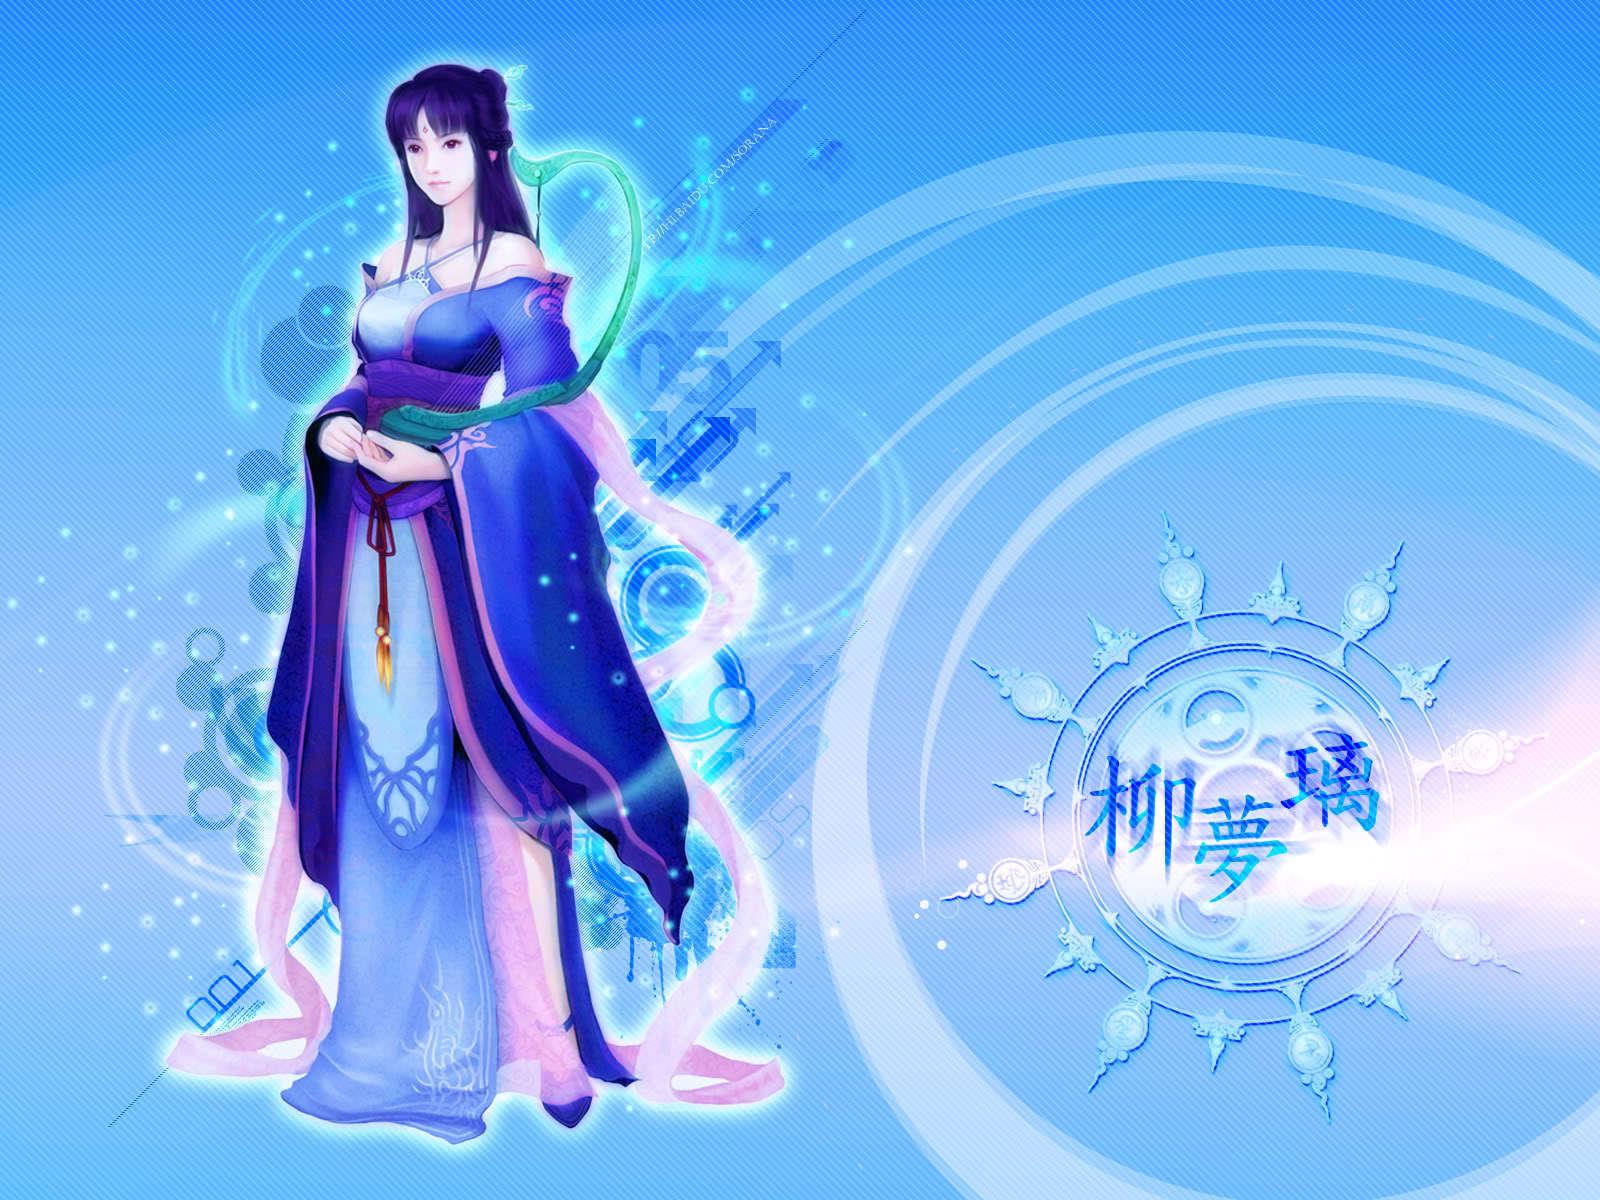 折叠 形象设计 雍容华贵是形容柳梦璃服饰设计最恰当的形容词.